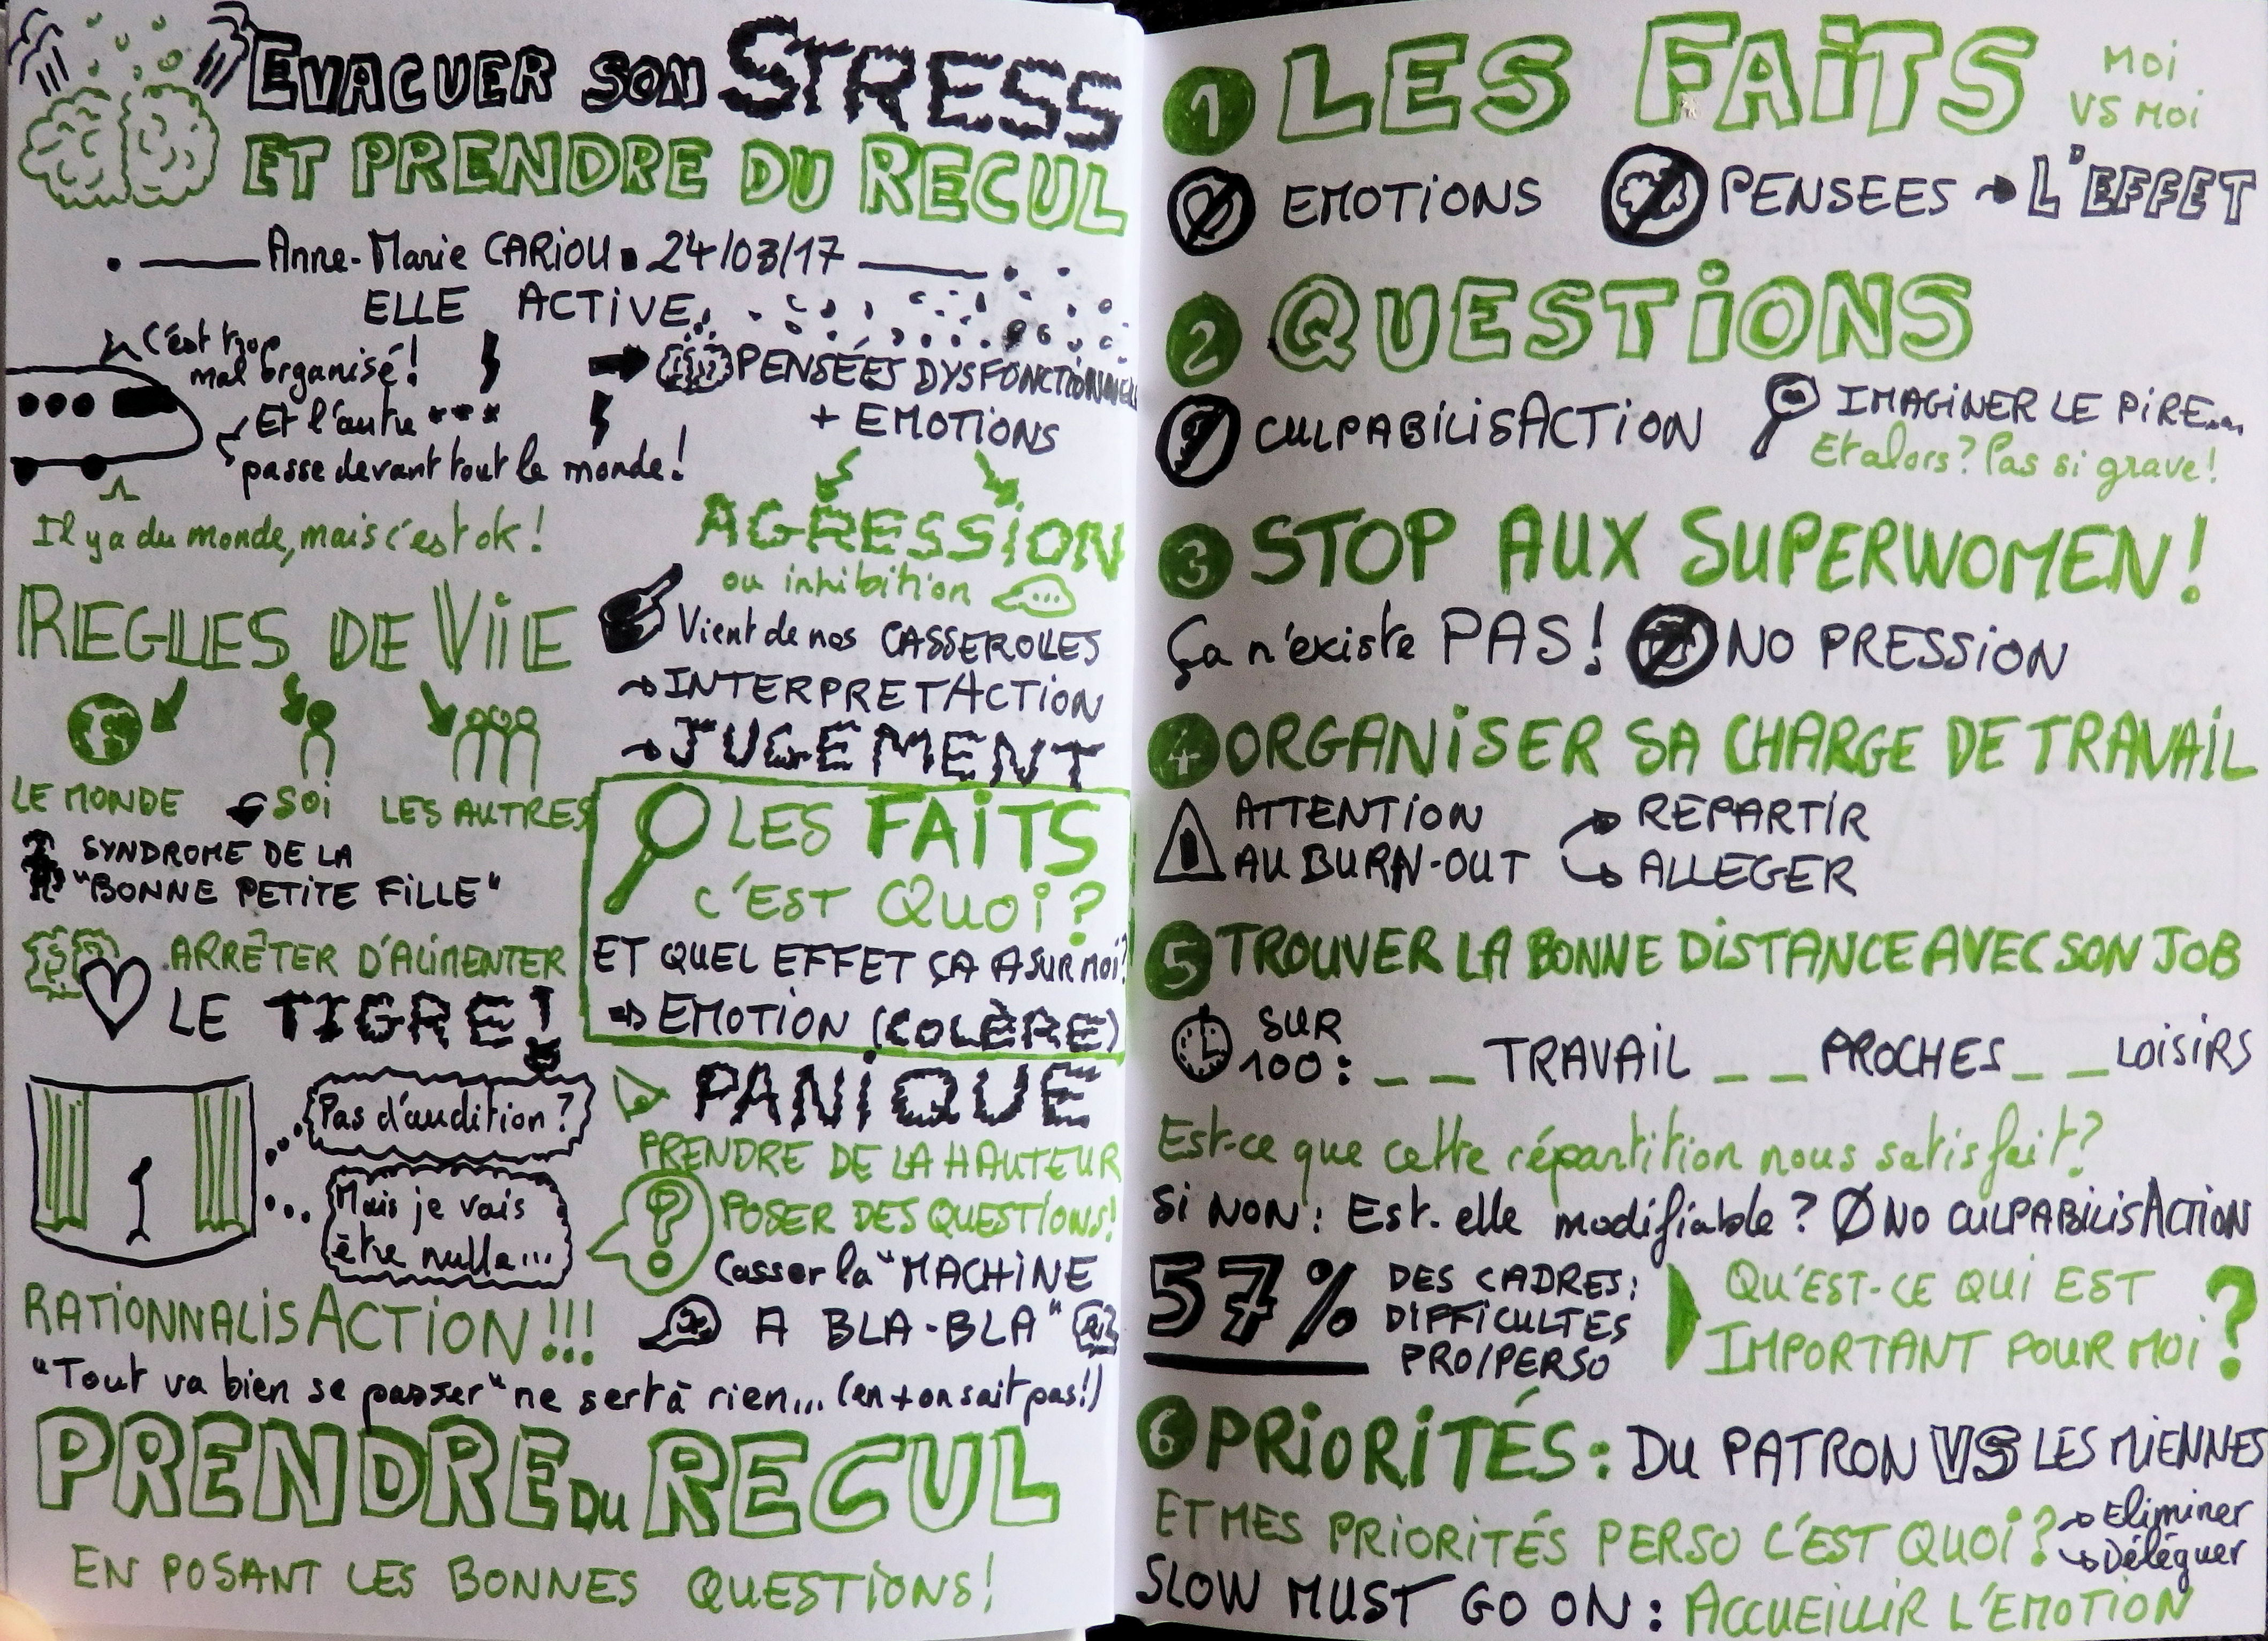 Évacuer son stress et prendre du recul avec Anne-Marie Cariou